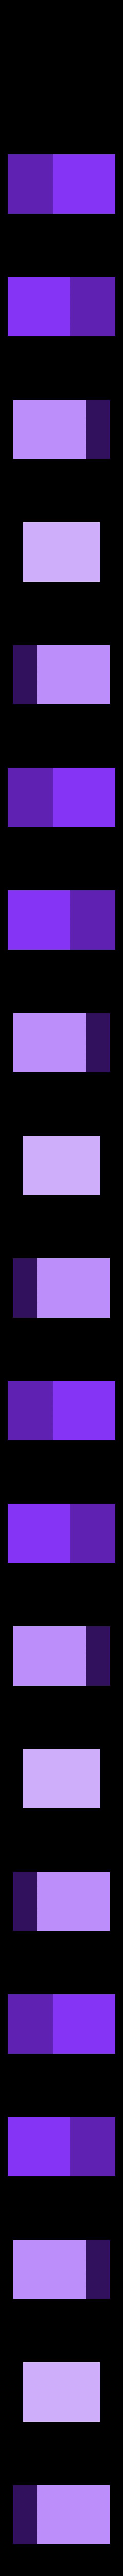 SubTool-2-13367423.OBJ Télécharger fichier OBJ gratuit Discobole • Design pour impression 3D, MSR